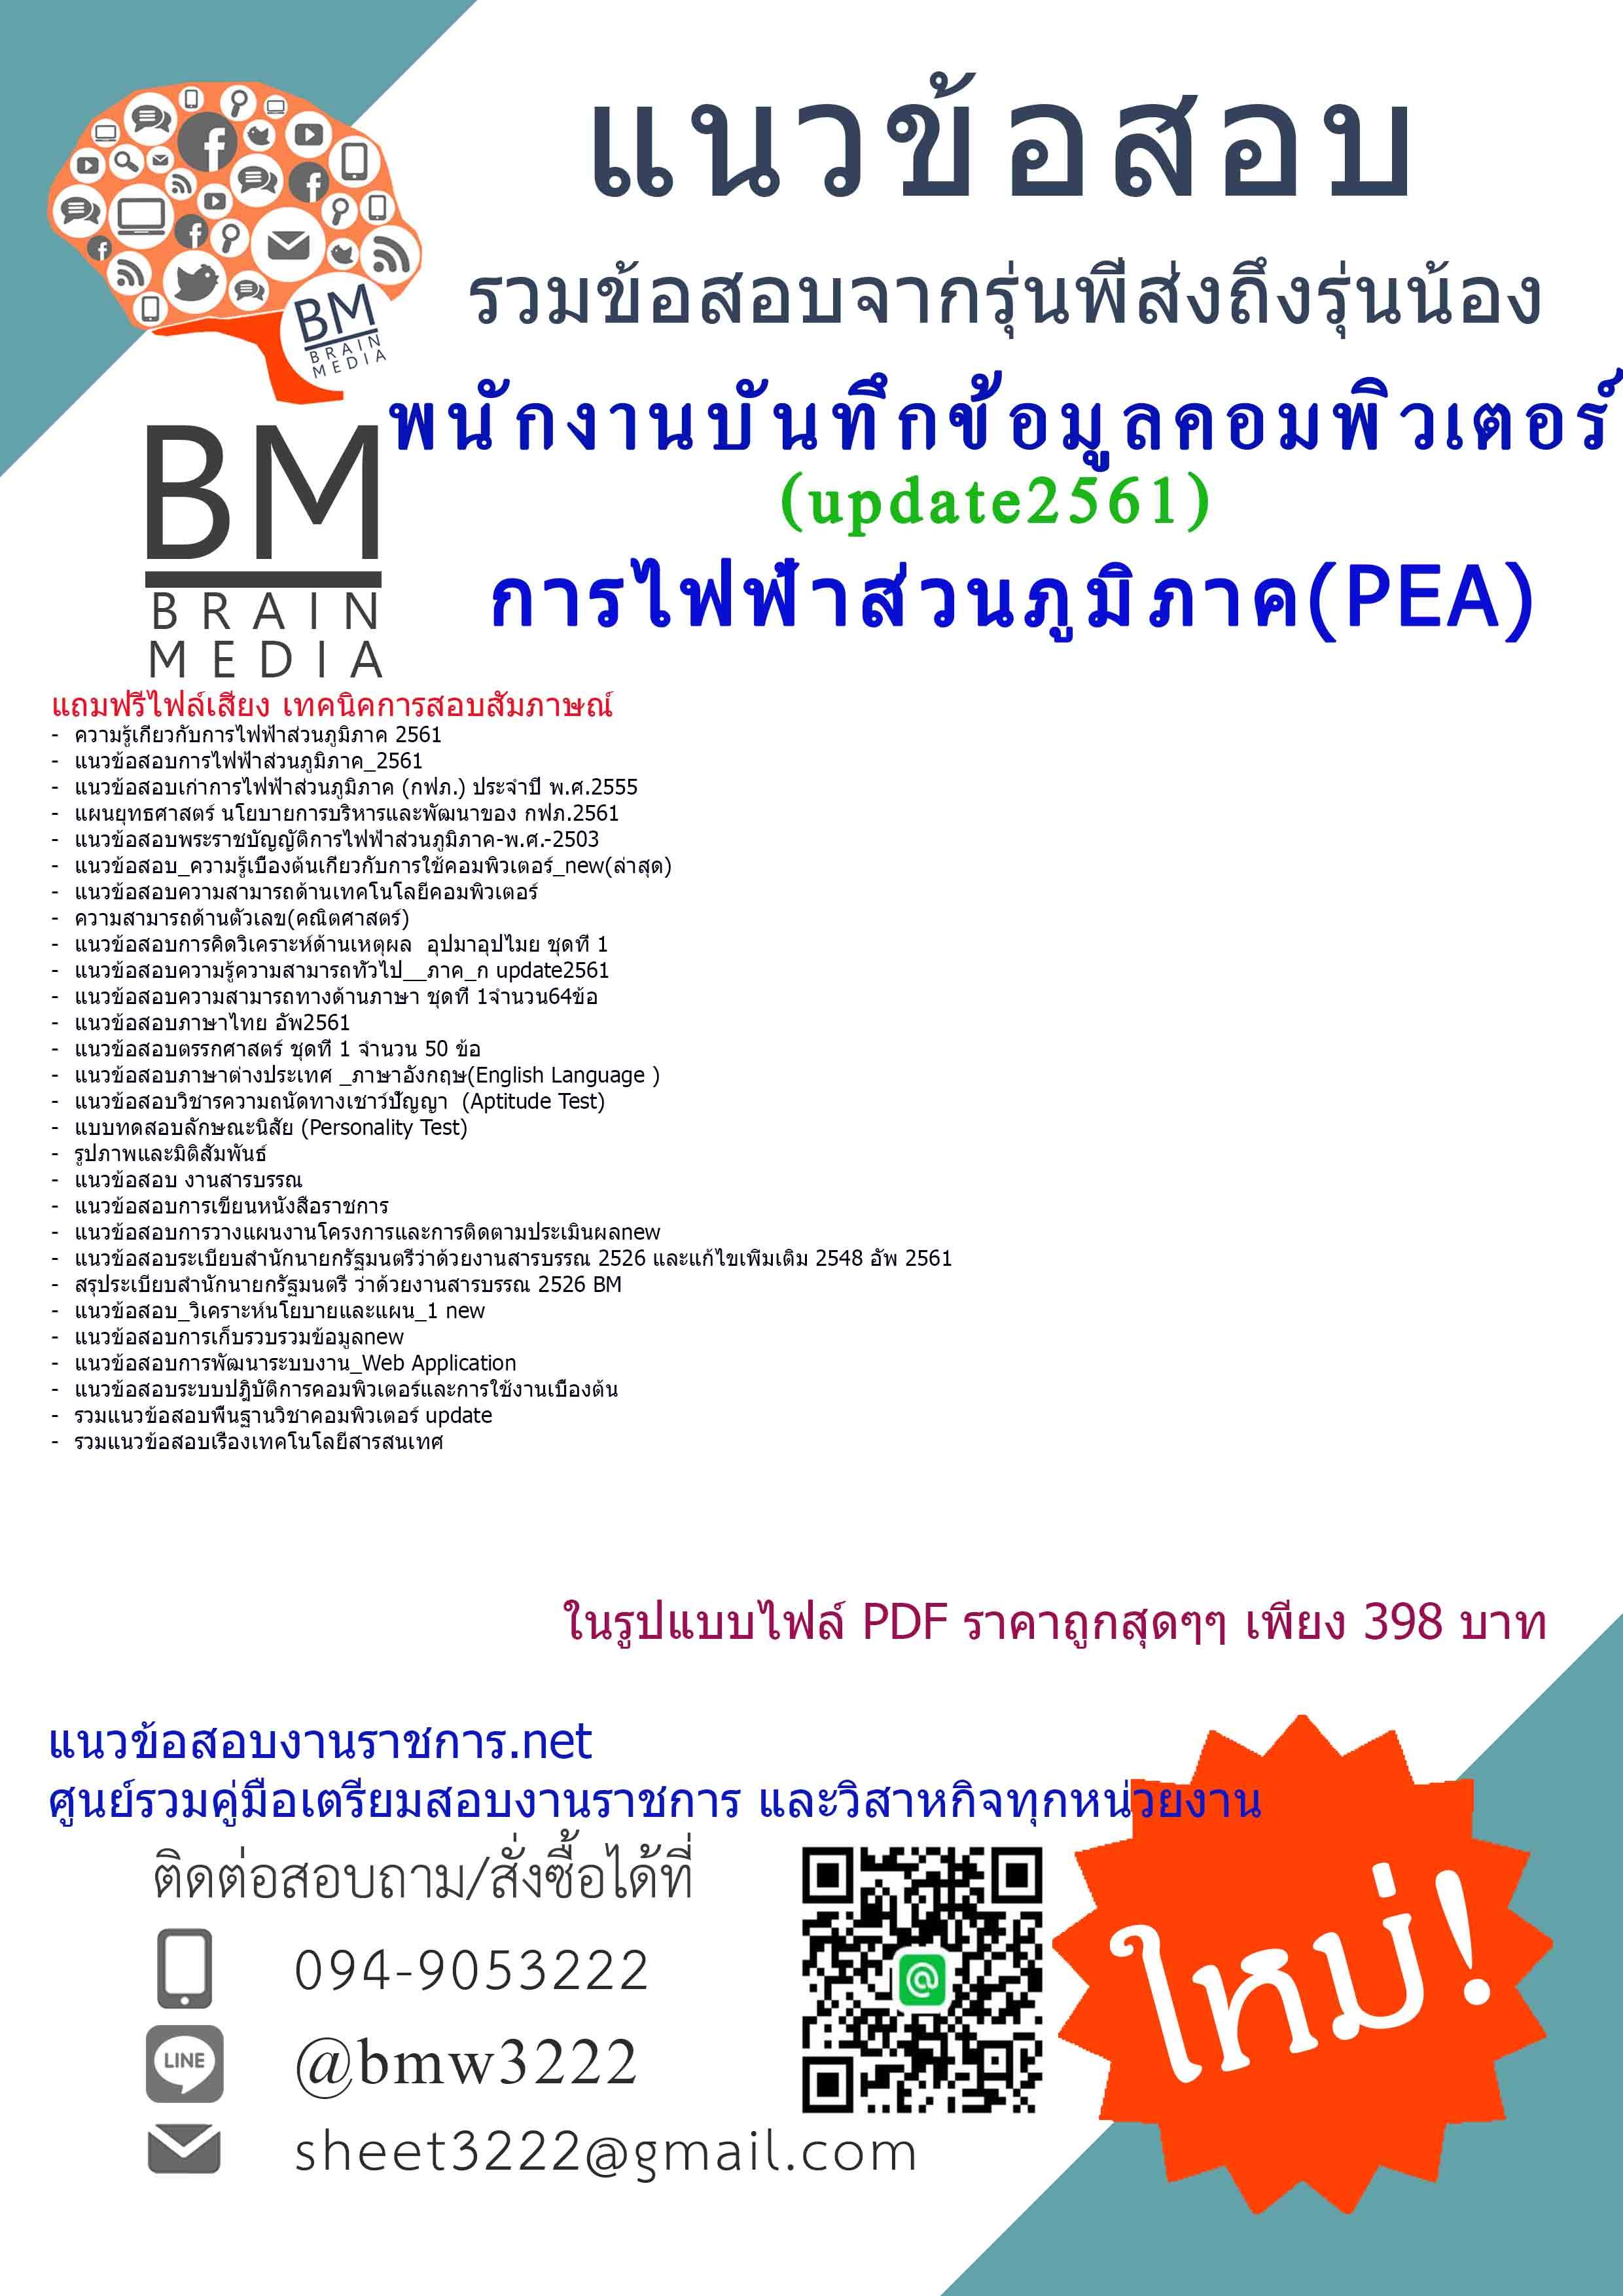 (((newupdateที่สุด)))แนวข้อสอบพนักงานบันทึกข้อมูลคอมพิวเตอร์การไฟฟ้าส่วนภูมิภาค(PEA)2561